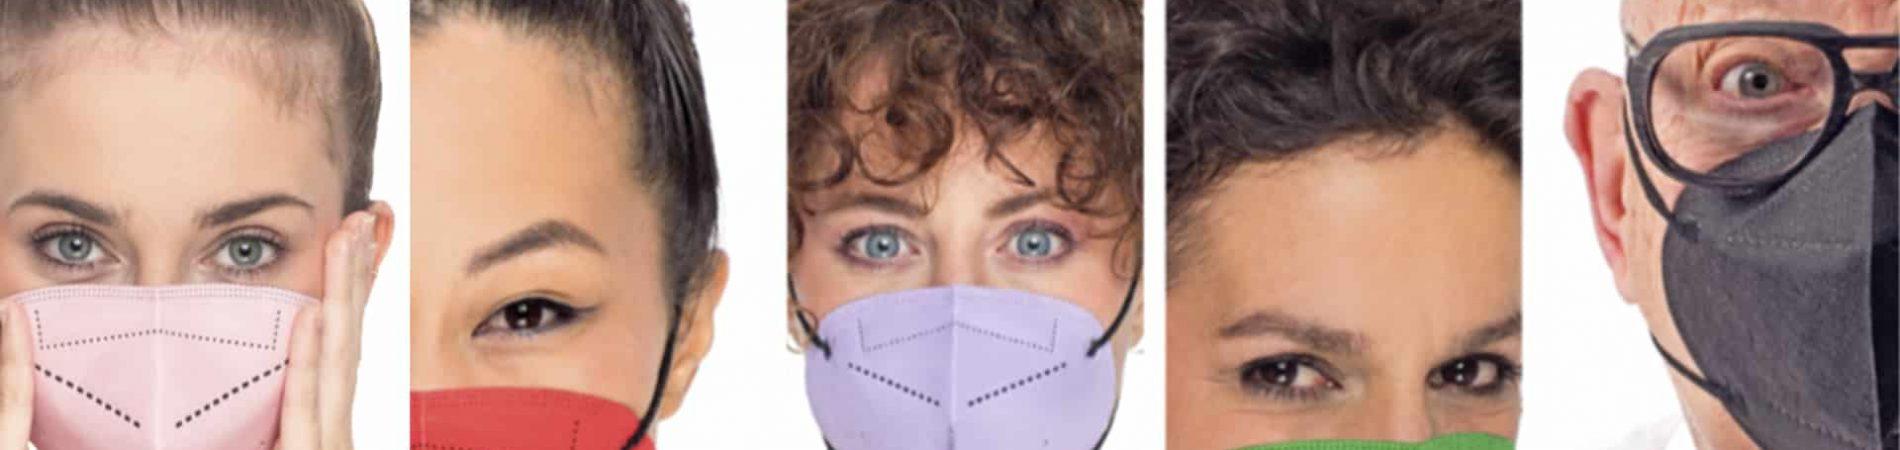 Inmunealvirus.com - Airnatech - Mascarillas Hechas en España